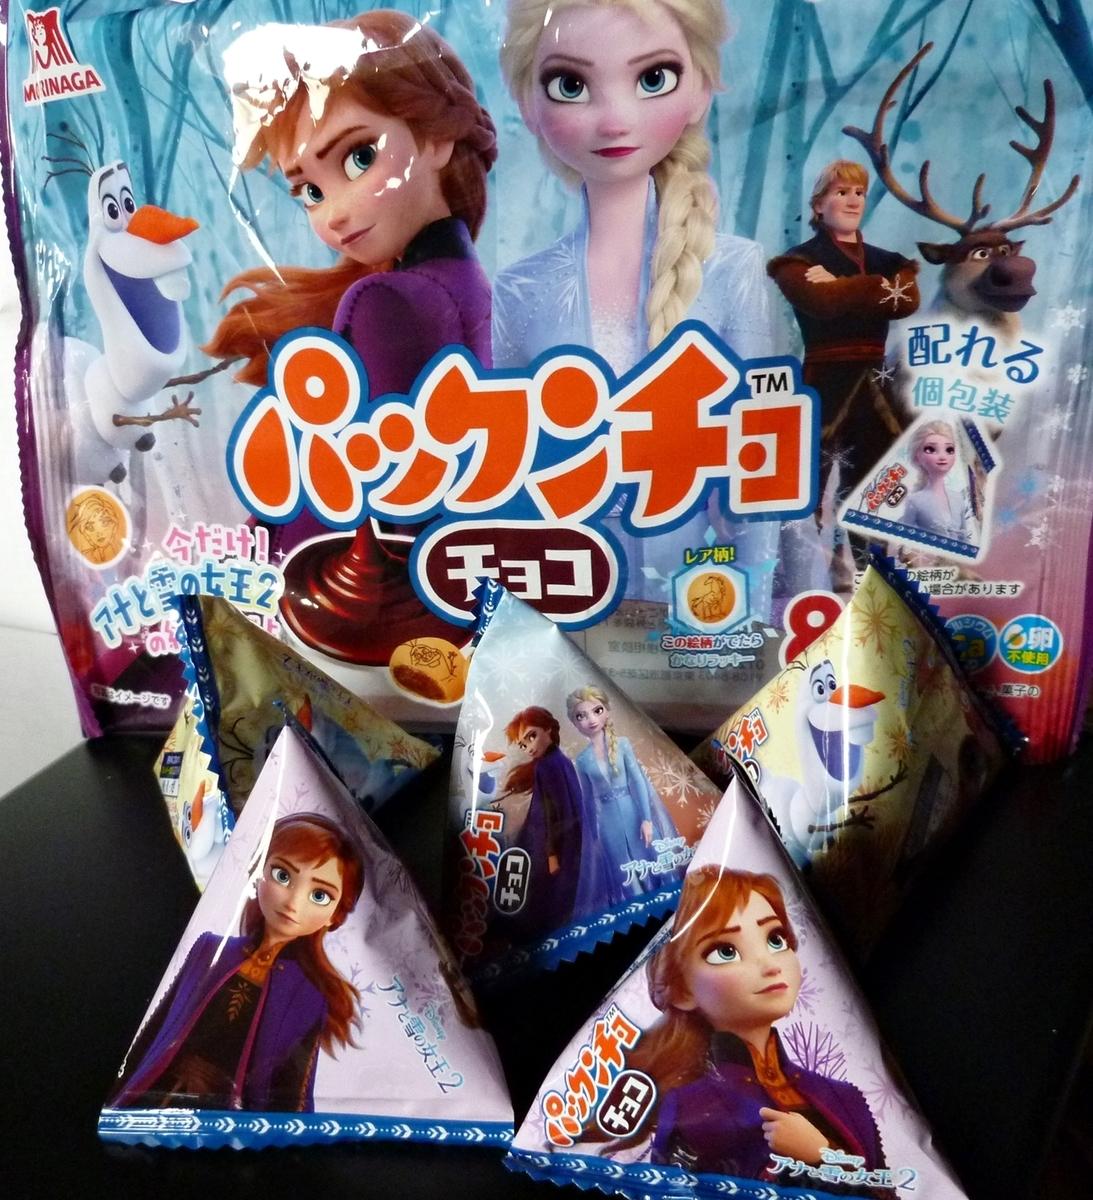 アナ雪2 公開 記念 限定 パックンチョ 森永